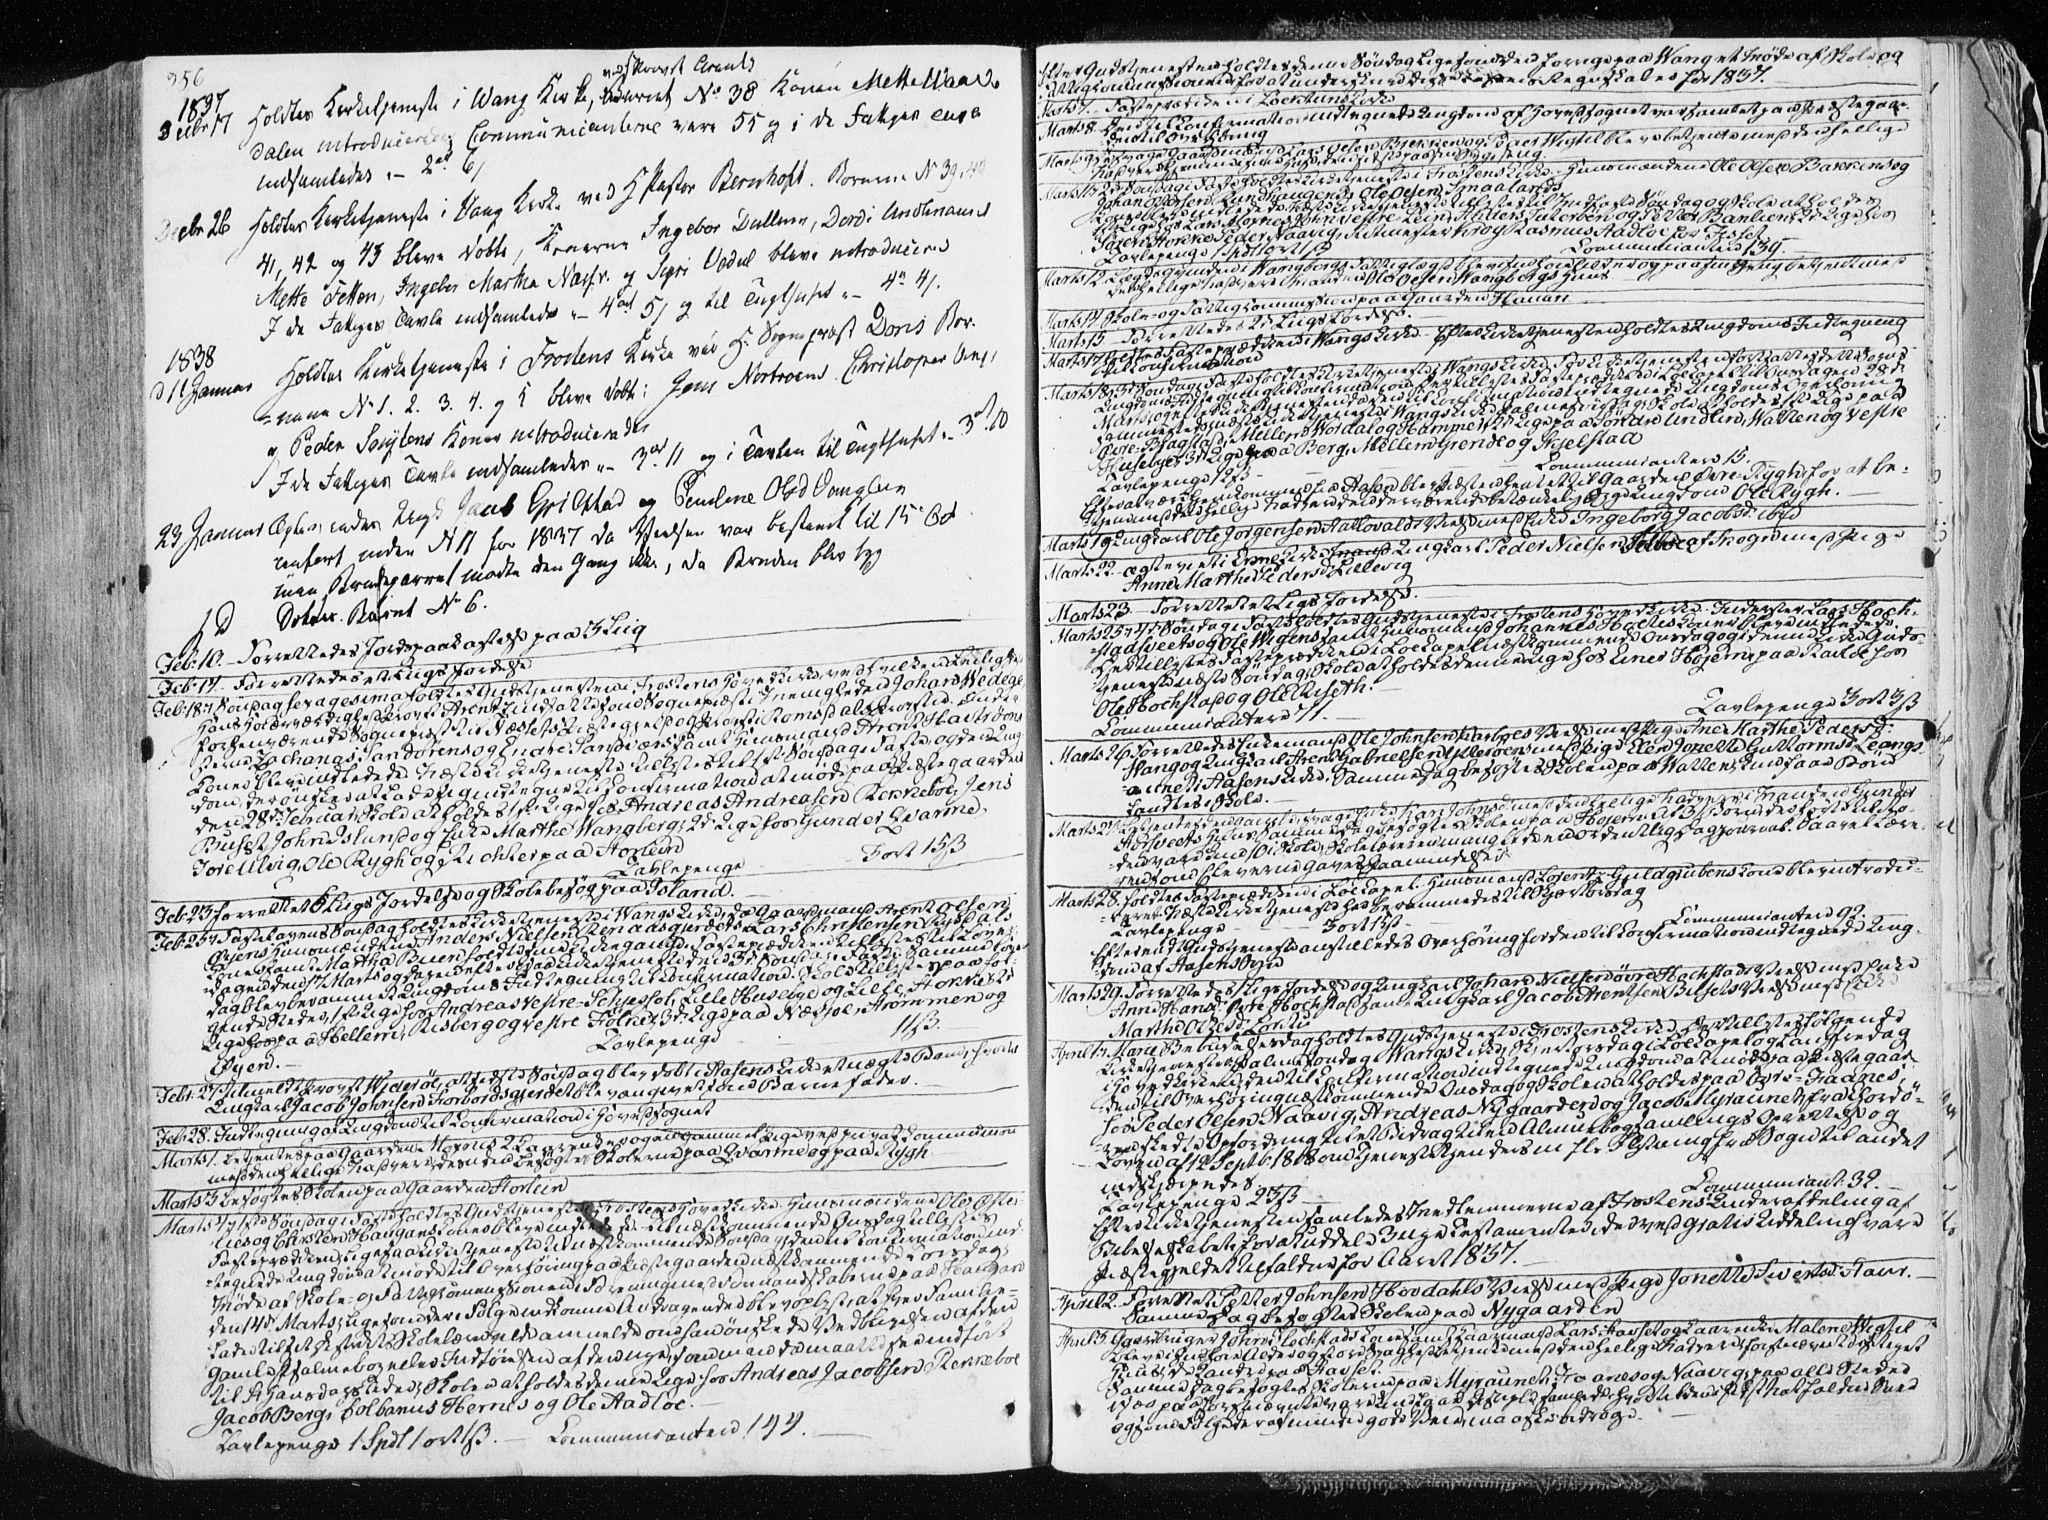 SAT, Ministerialprotokoller, klokkerbøker og fødselsregistre - Nord-Trøndelag, 713/L0114: Ministerialbok nr. 713A05, 1827-1839, s. 356